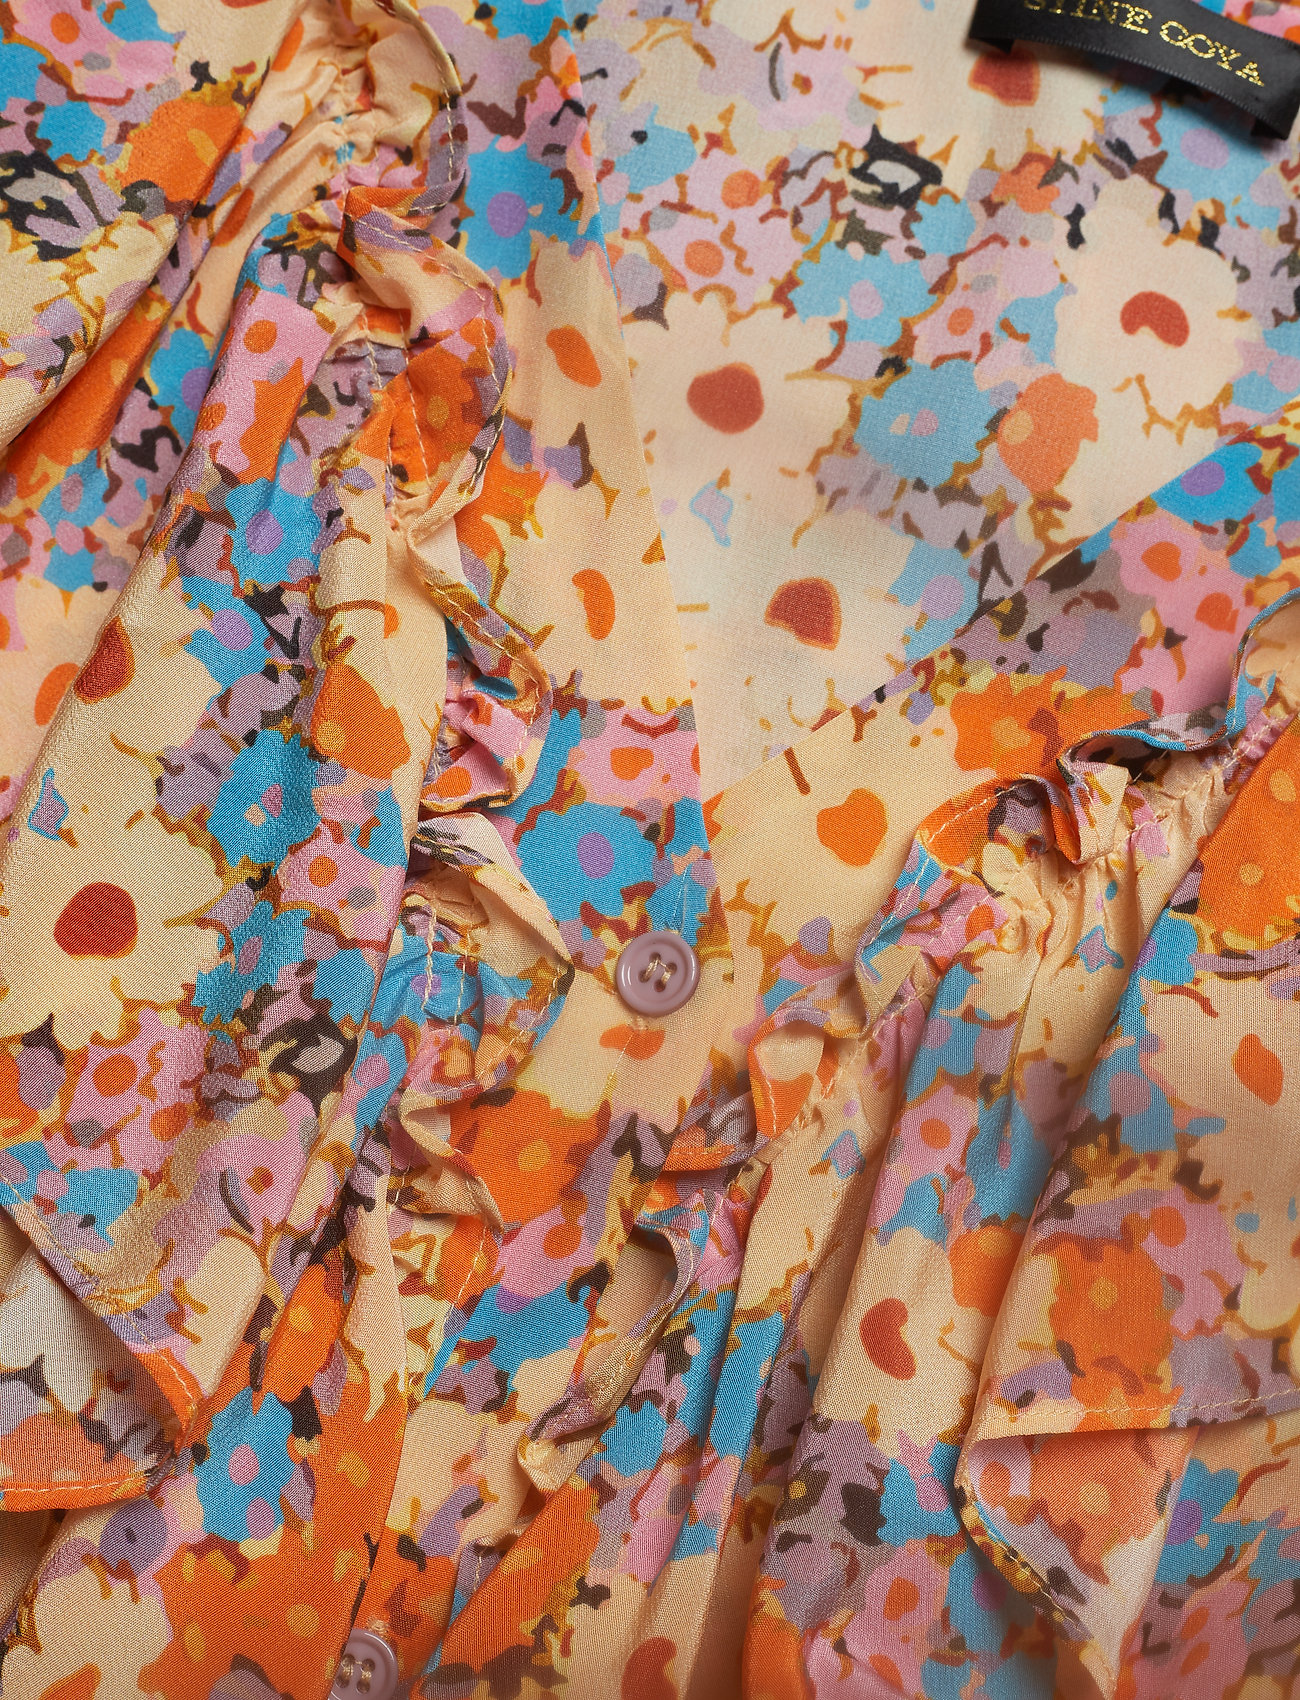 SilkStine SilkStine Goya Mila567 Mila567 Mila567 Flowers Flowers Flowers Goya SilkStine EWD29IHY